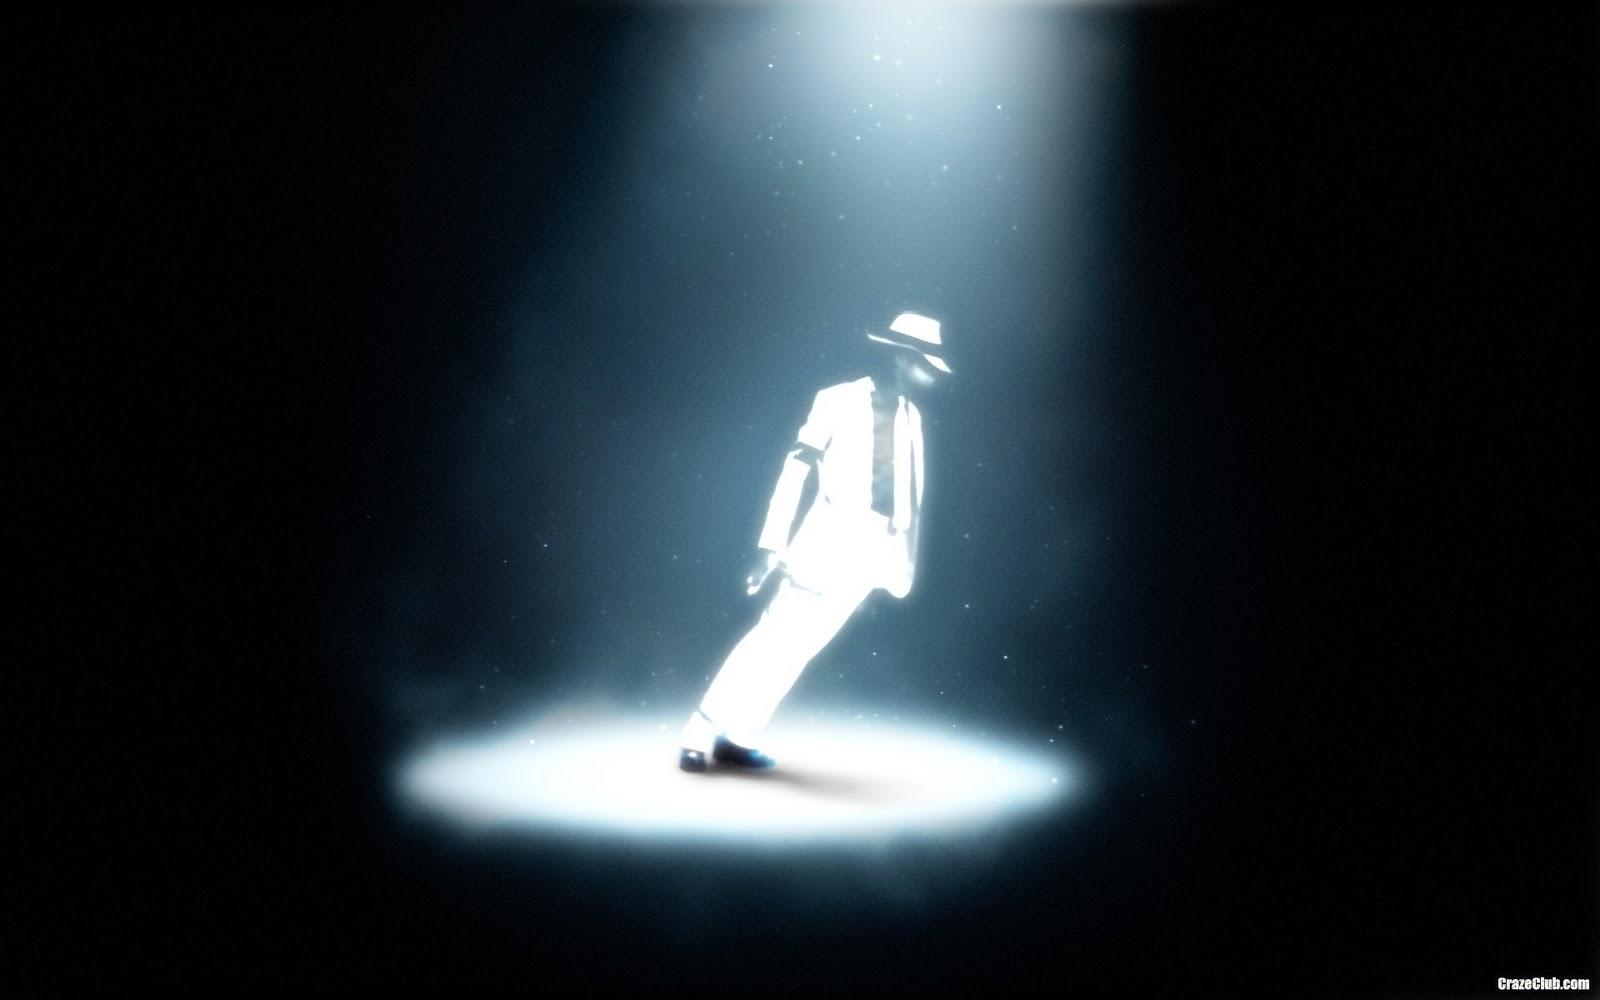 http://4.bp.blogspot.com/_c72kc4JbsgY/TOFDrpHJODI/AAAAAAAAEMk/mG0gkYdl3ic/s1600/Michael+Jackson+Wallpaper+%252817%2529.jpg